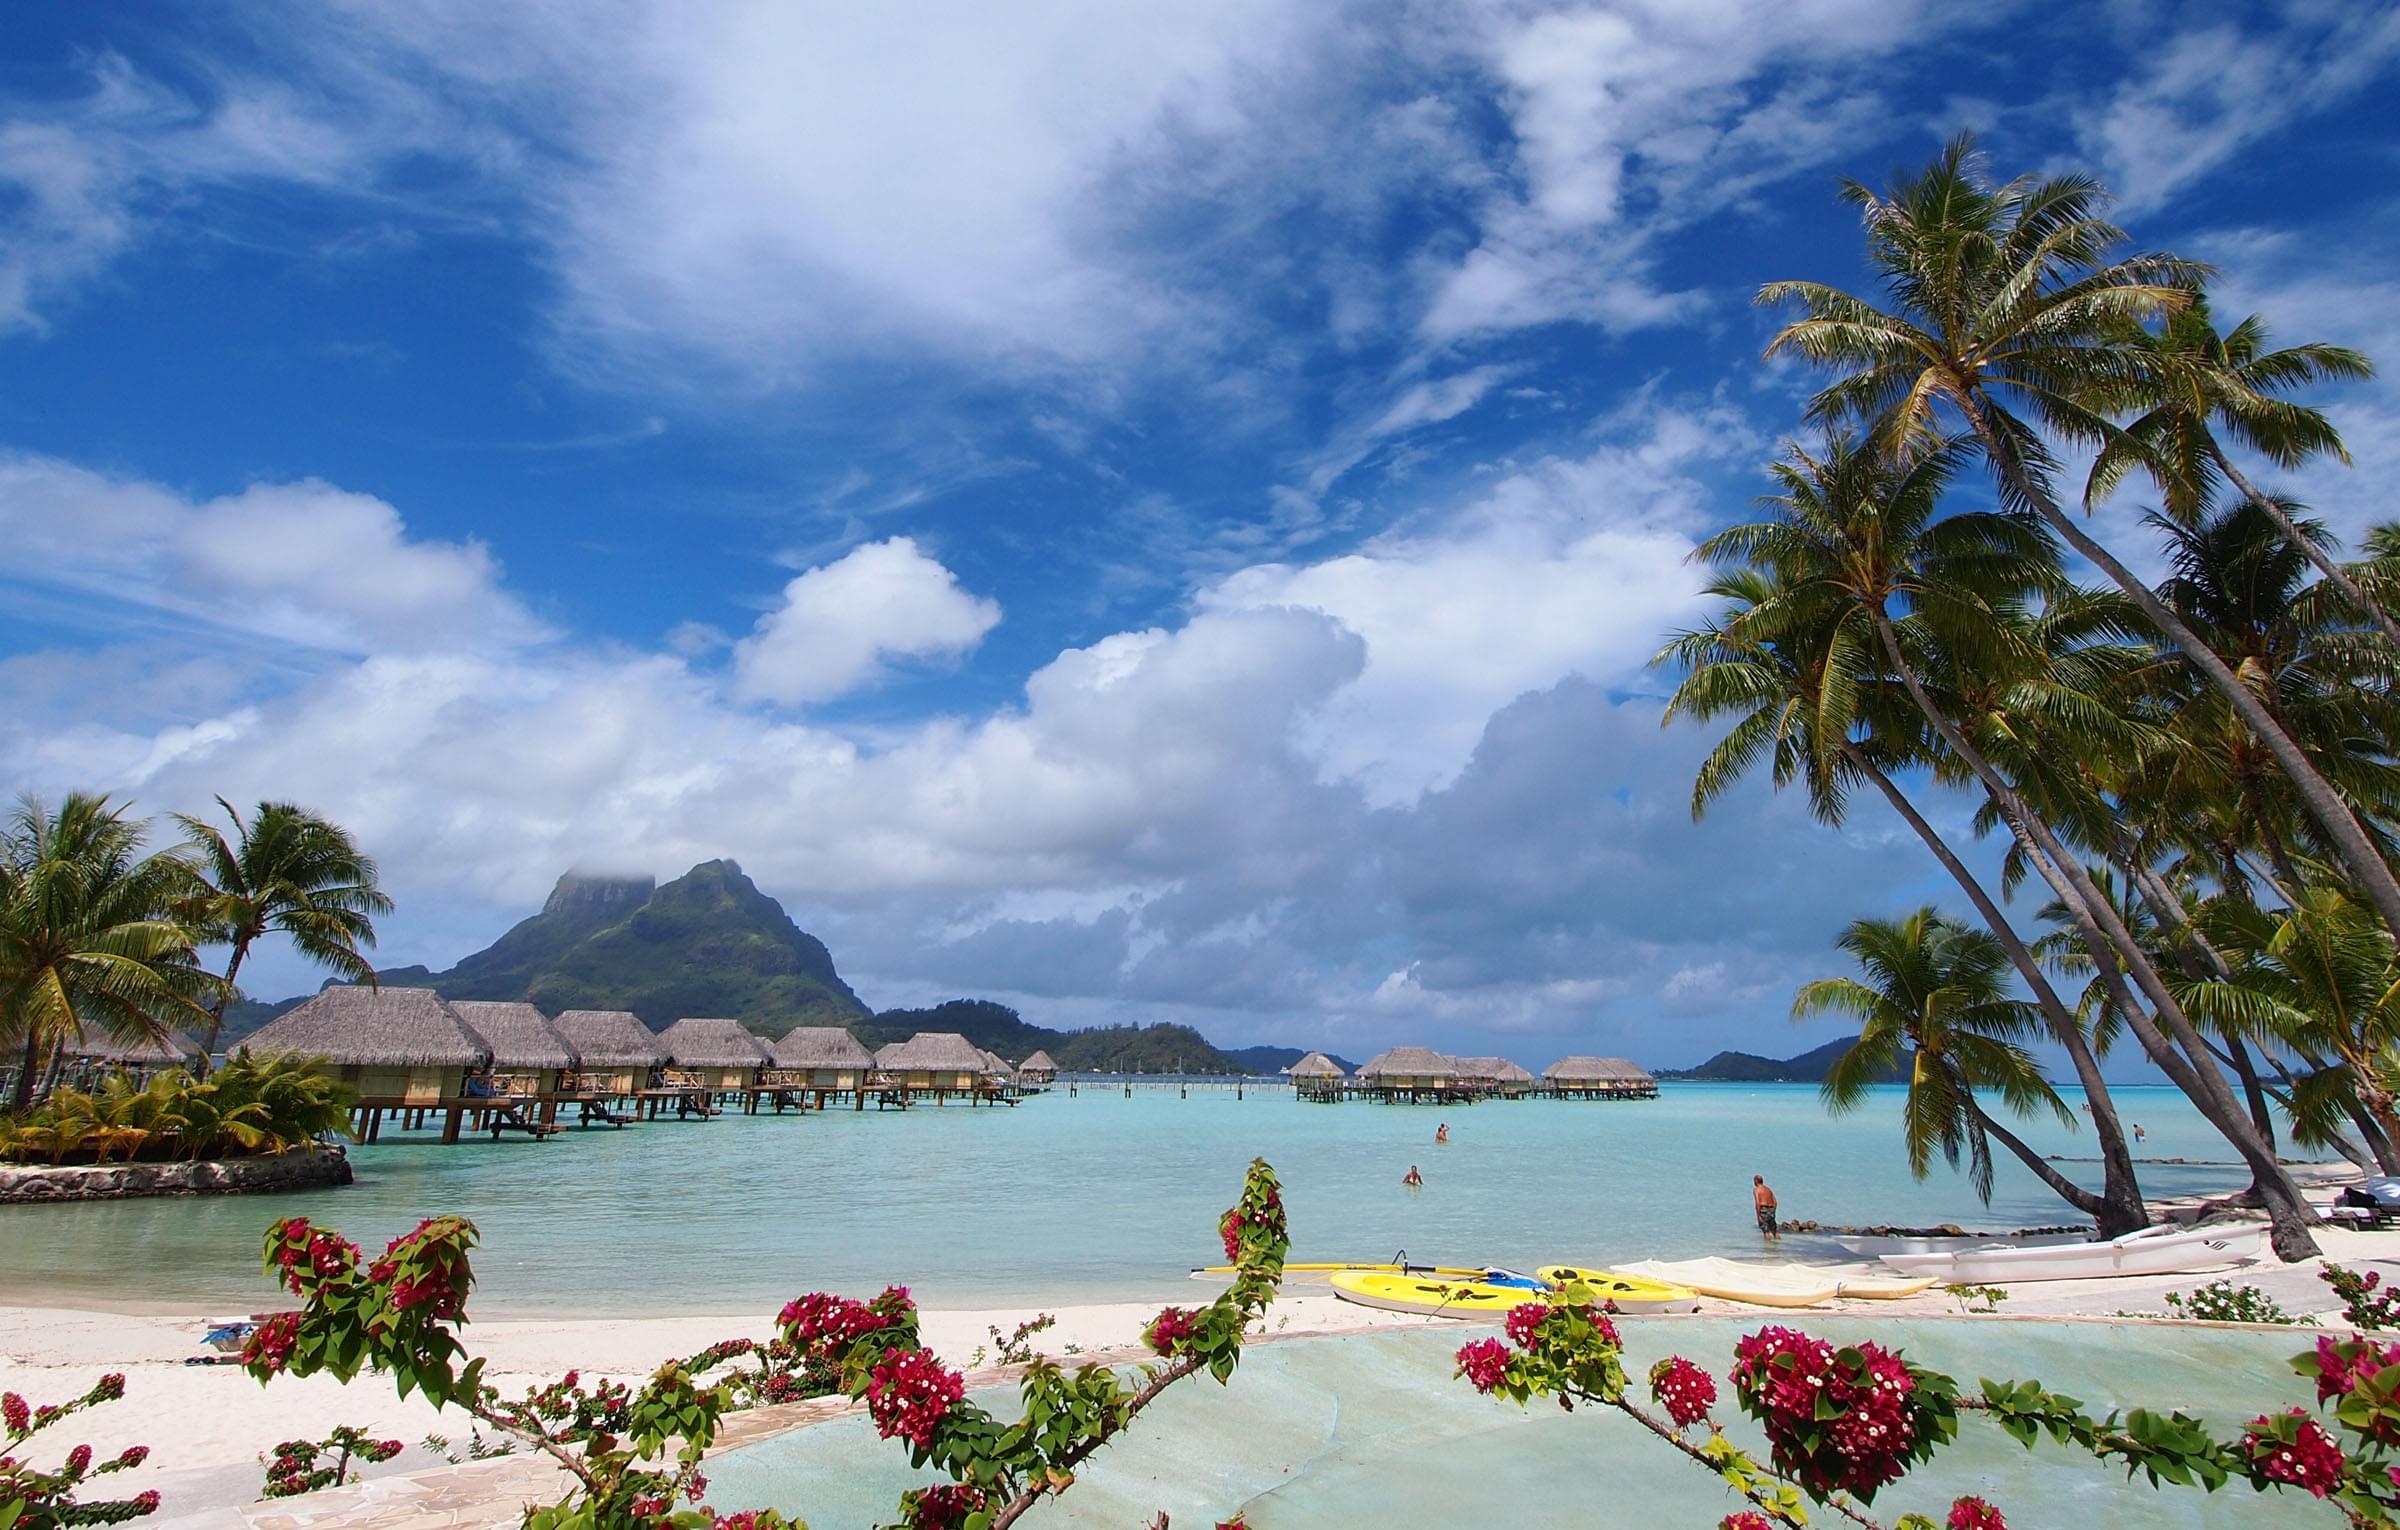 タヒチ本島・ボラボラ島・モーレア島でおすすめのリゾートホテル3選!新婚旅行にぴったりの極上ステイ先